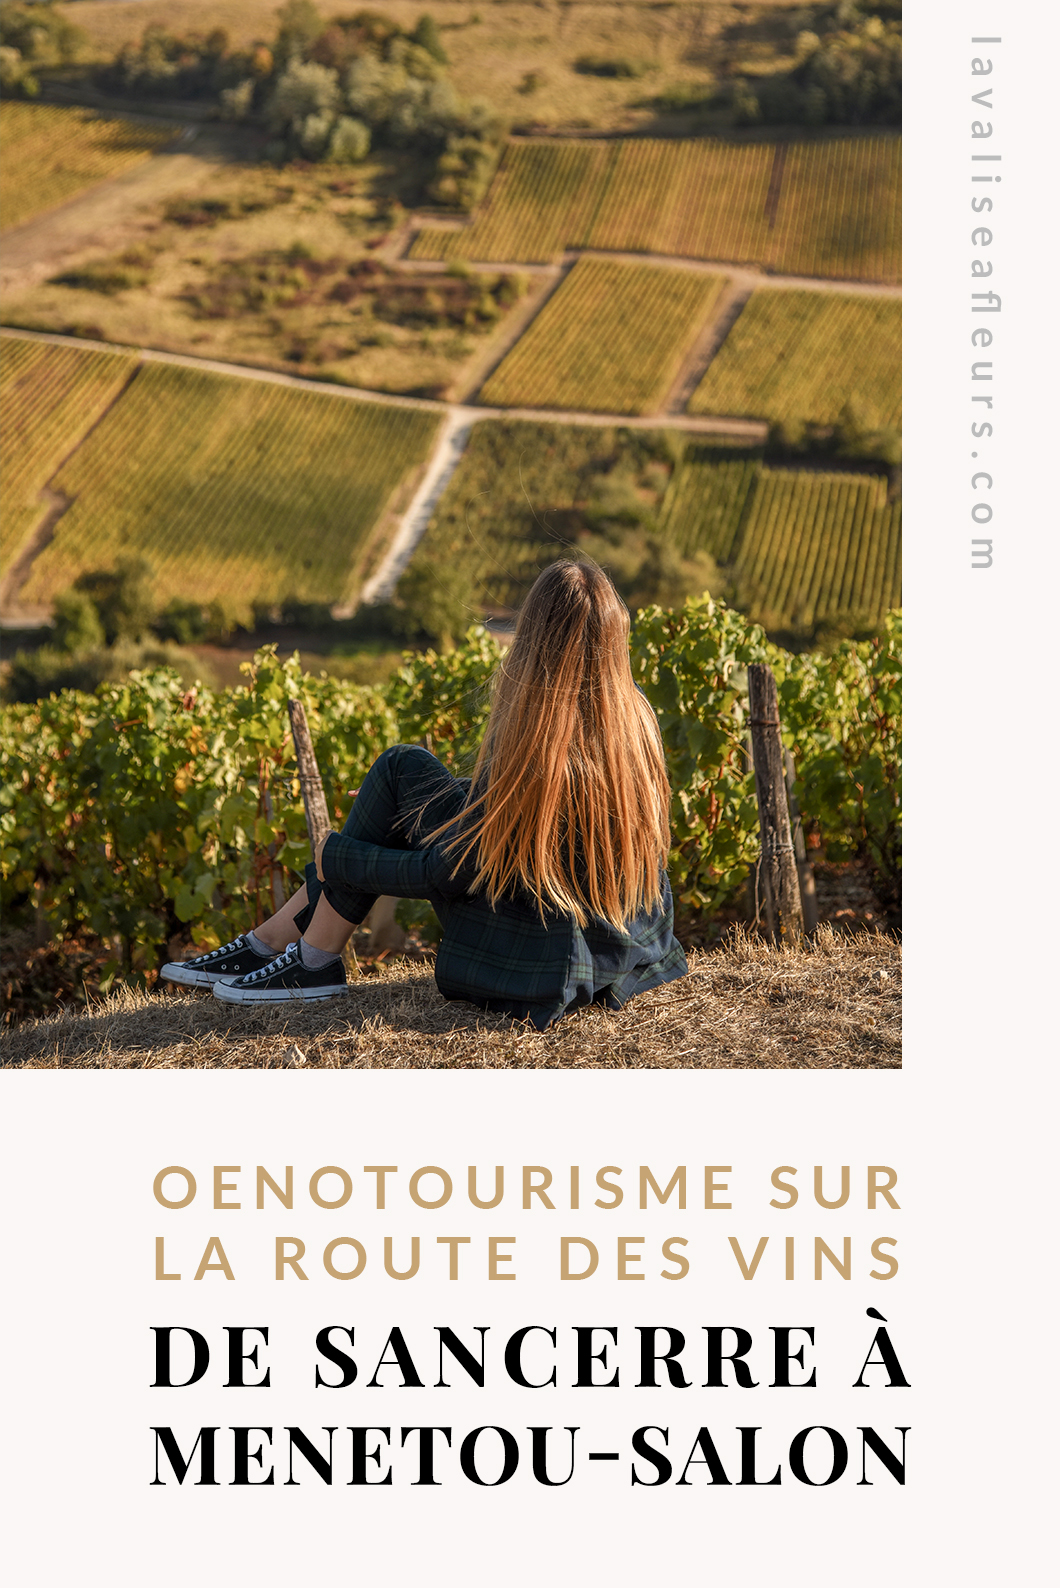 Oeunotourisme sur la route des vins de Sancerre à Menetou Salon